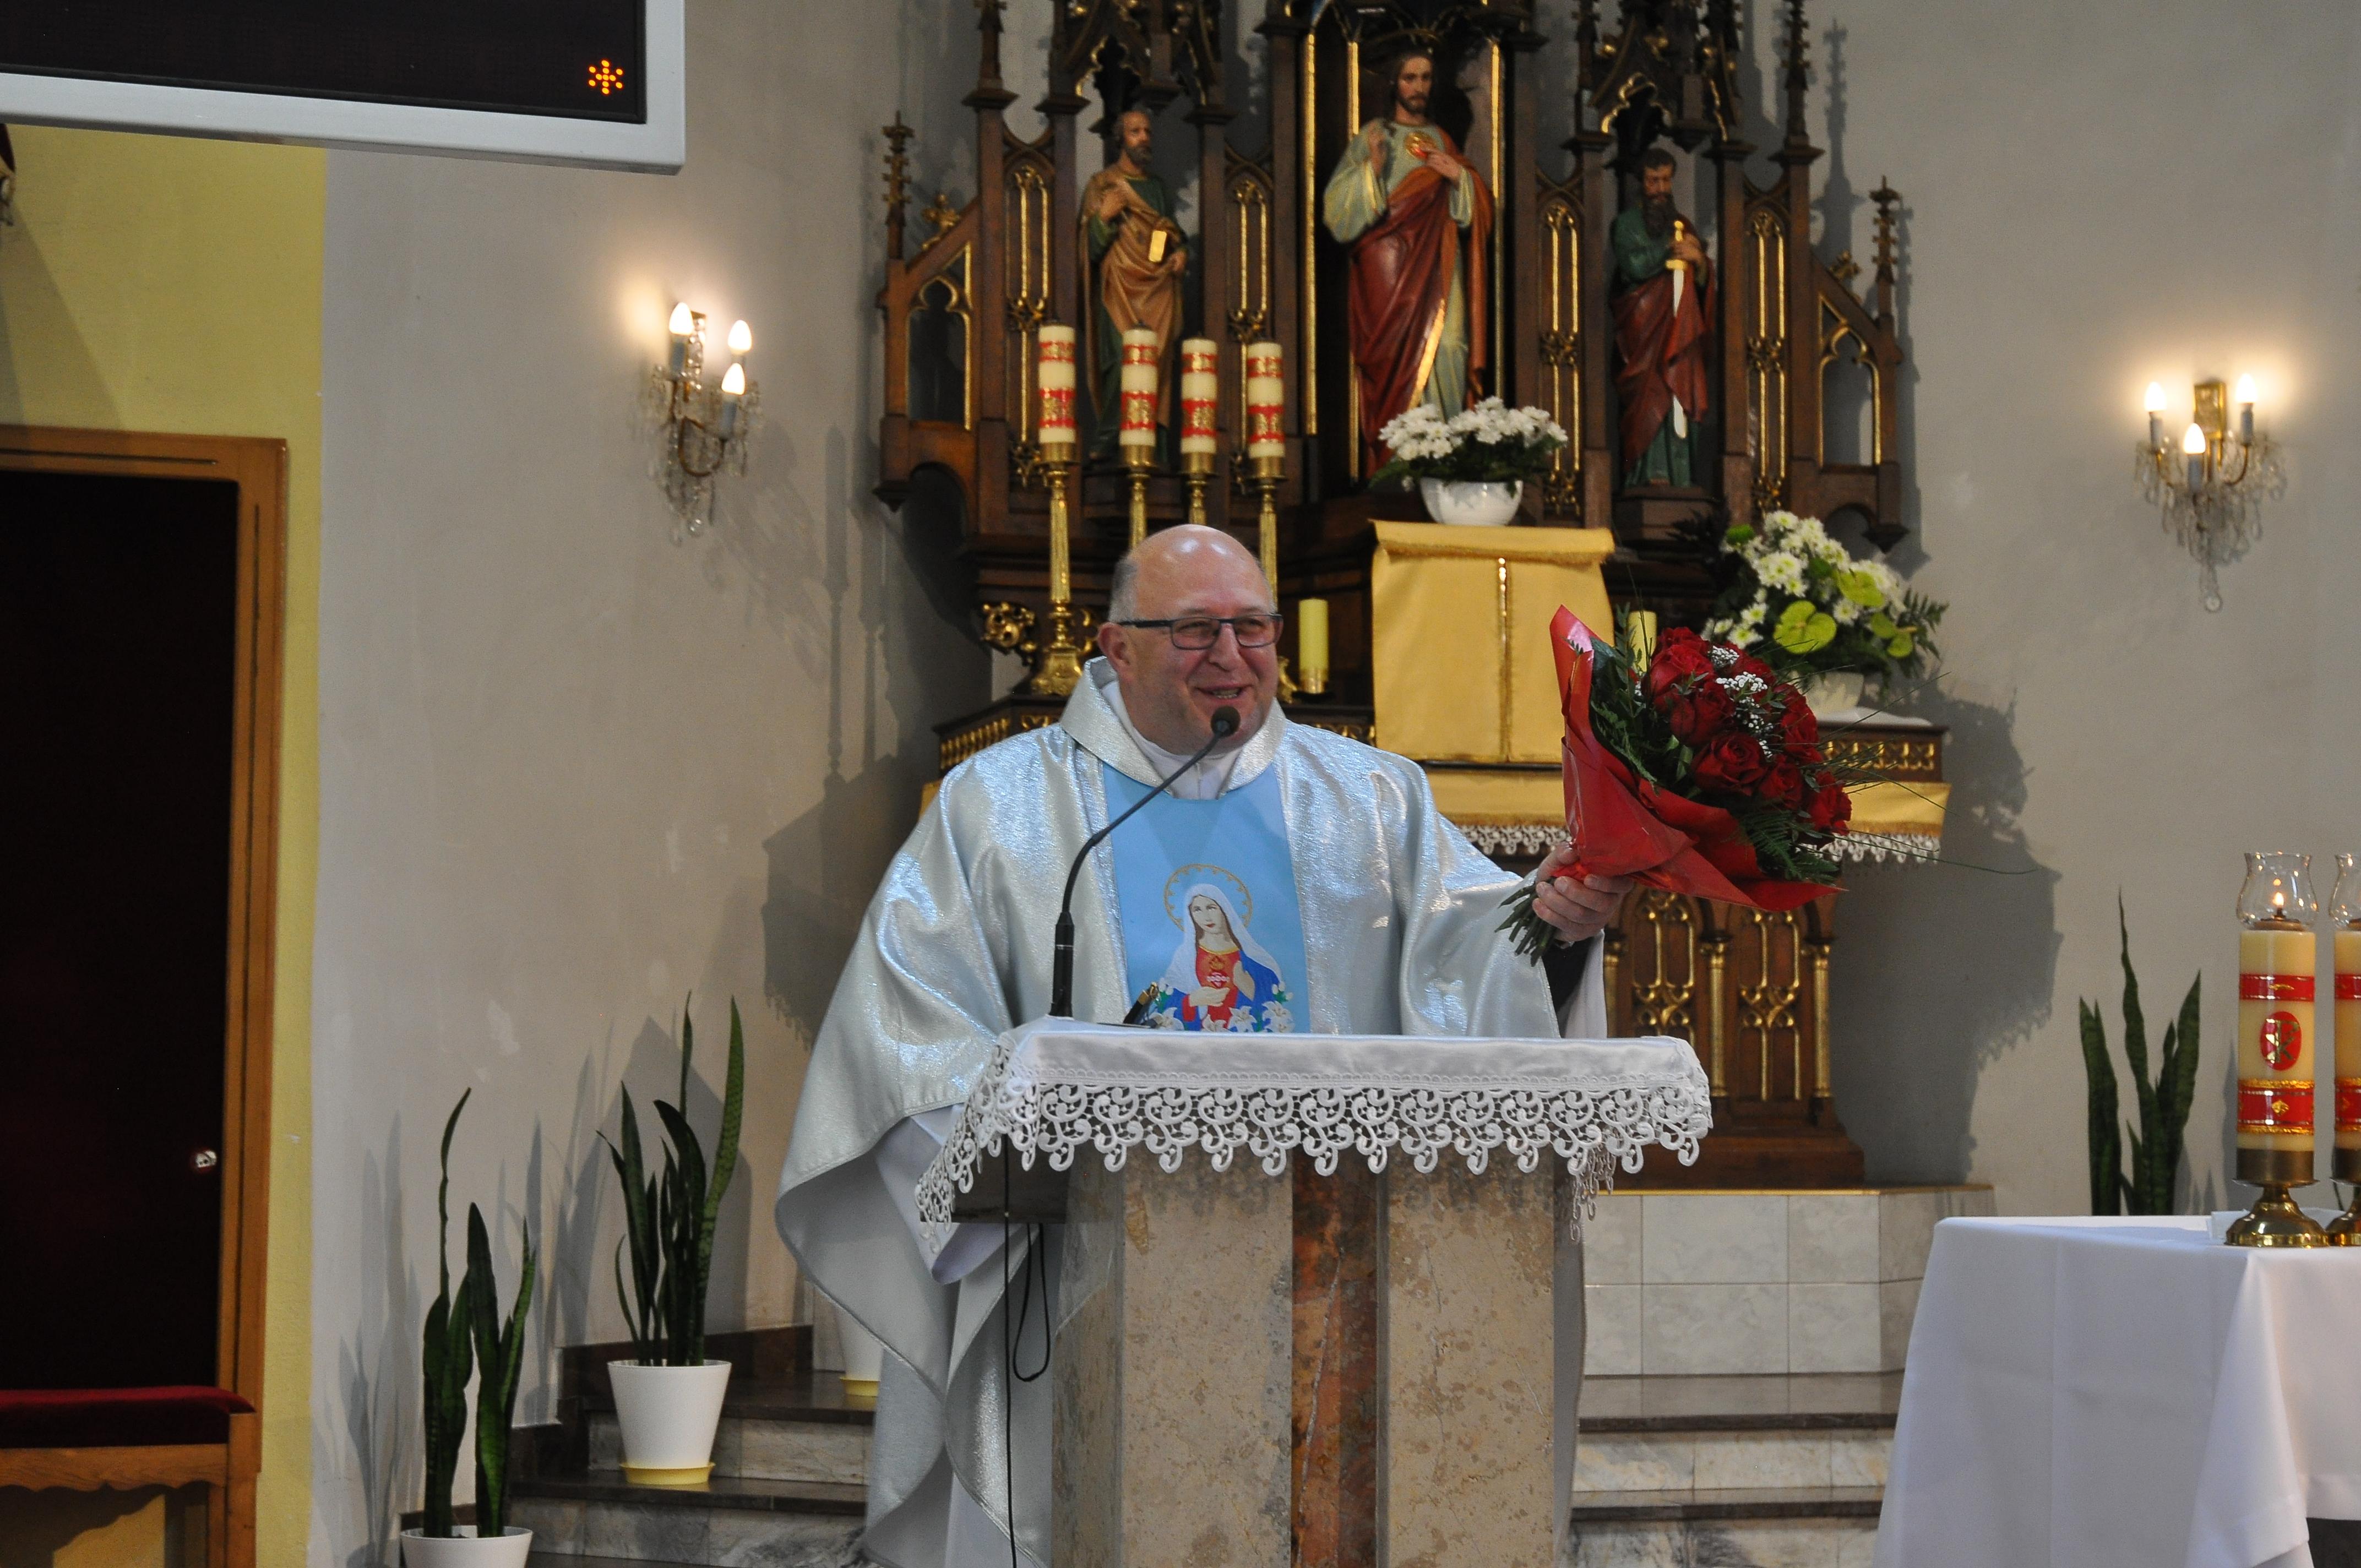 Msza Św. z kazaniem misyjnym oraz podziękowanie misjonarzowi, Ojcu Ireneuszowi Homoncikowi